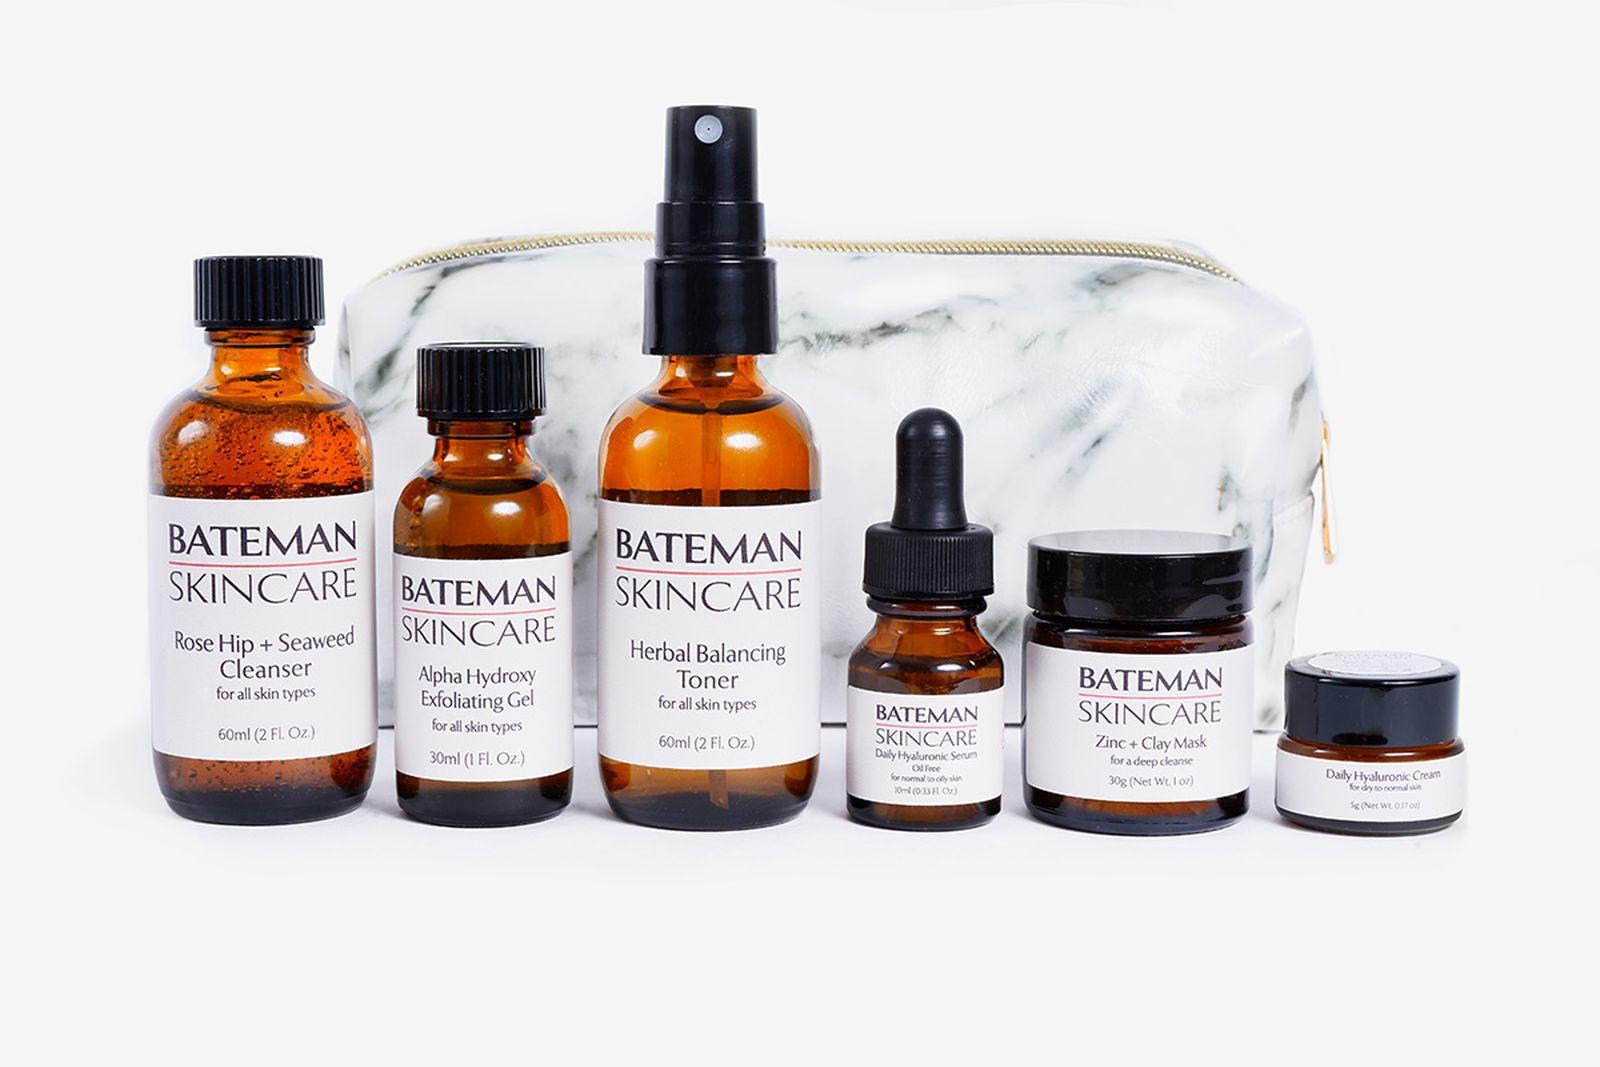 bateman skincare travel kit